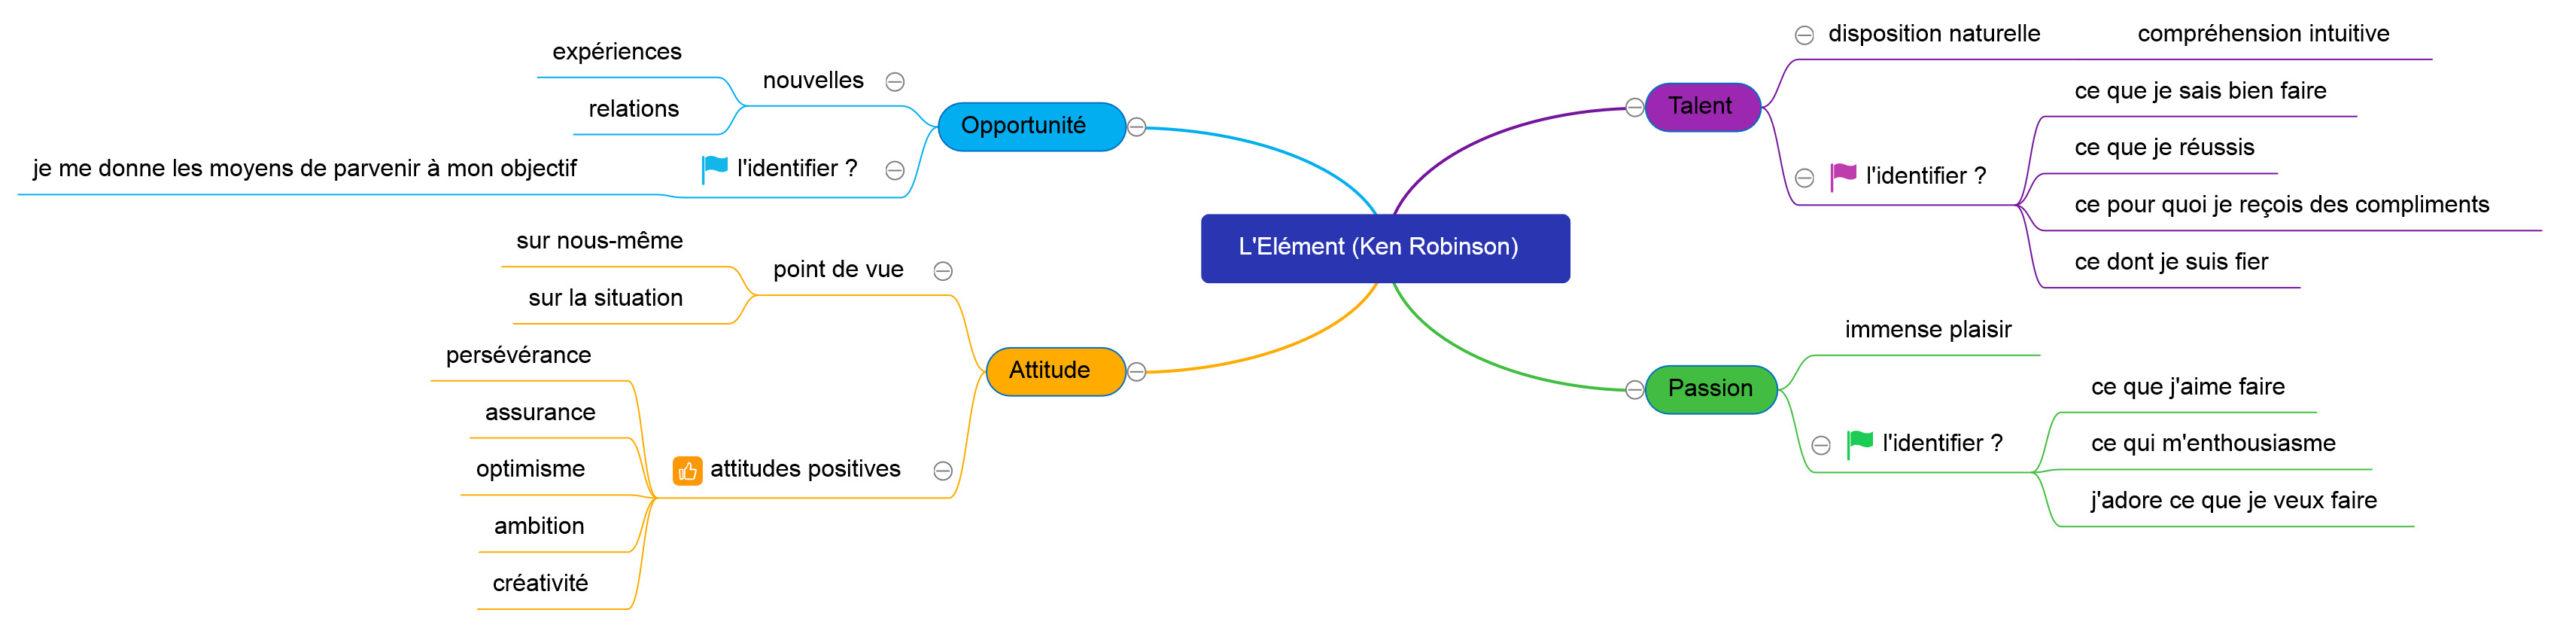 trouver son élément ken robinson